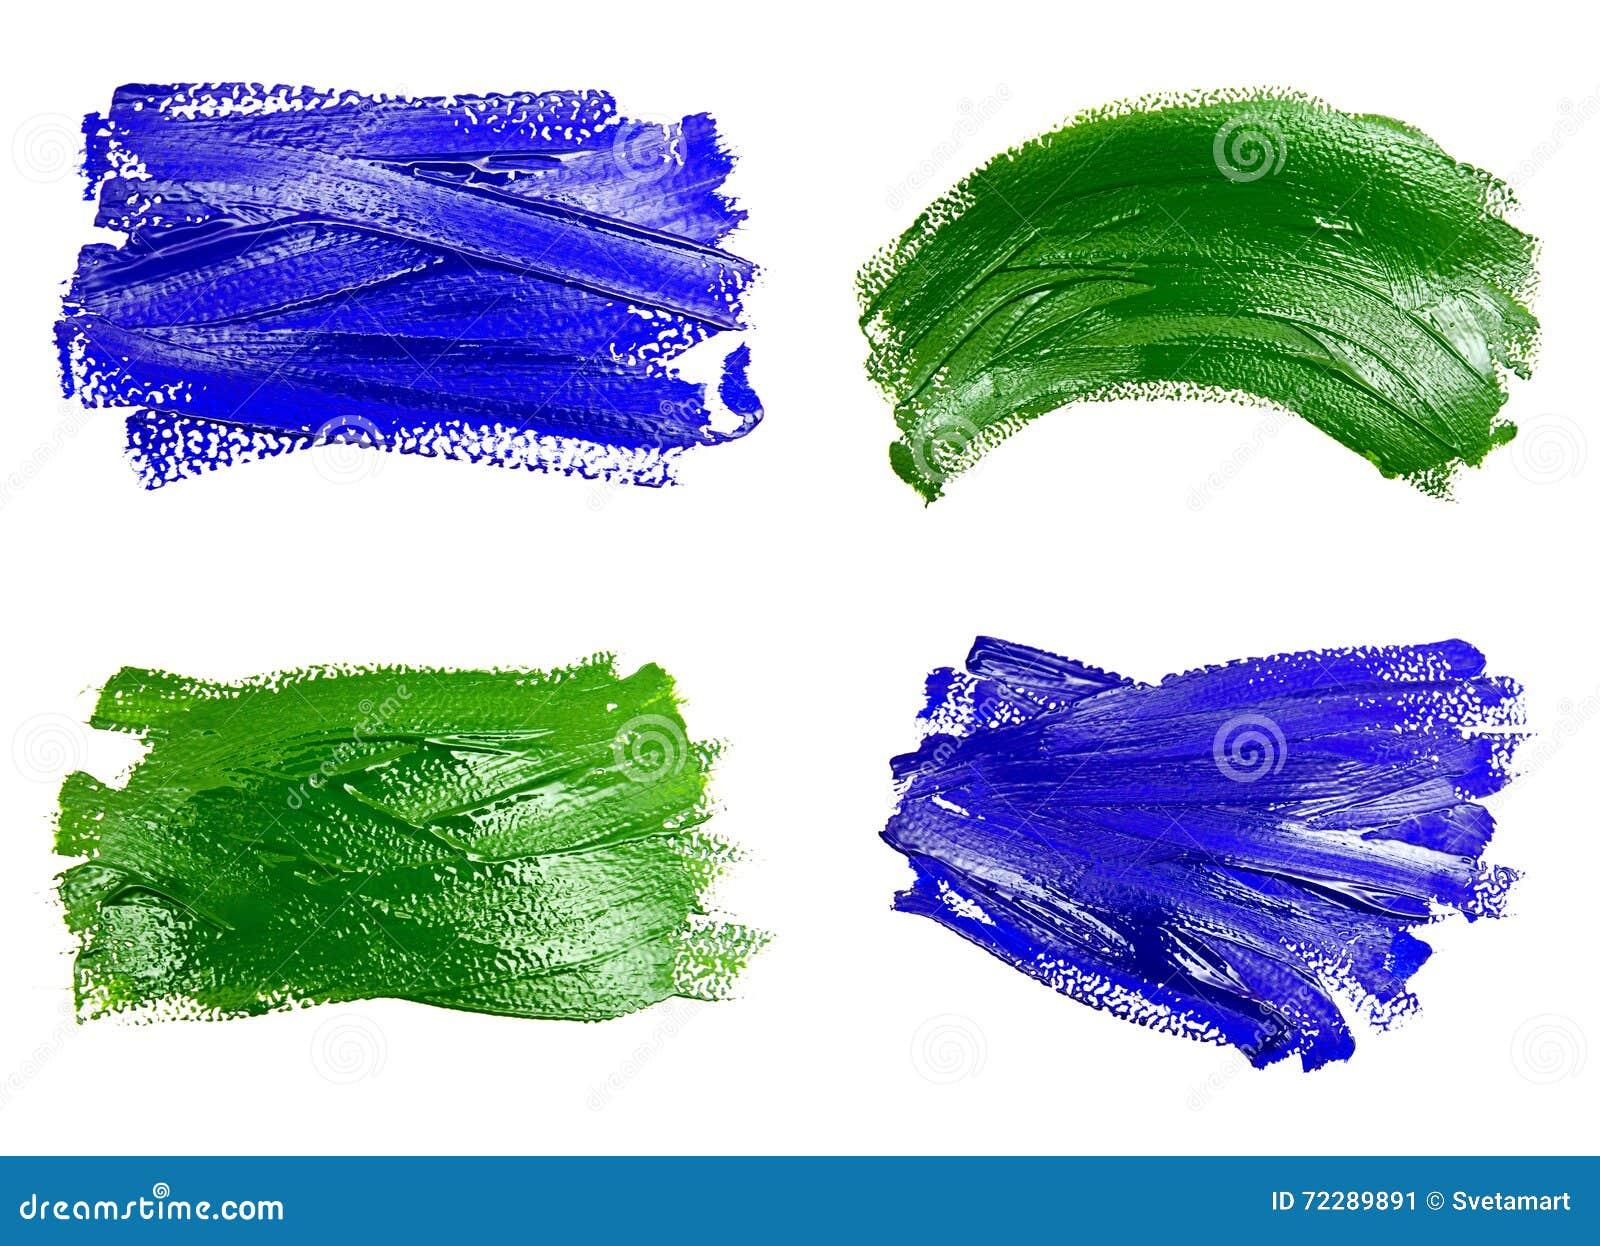 Download Собрание фото голубых и зеленых ходов кисти Стоковое Изображение - изображение насчитывающей backhoe, paintbrush: 72289891